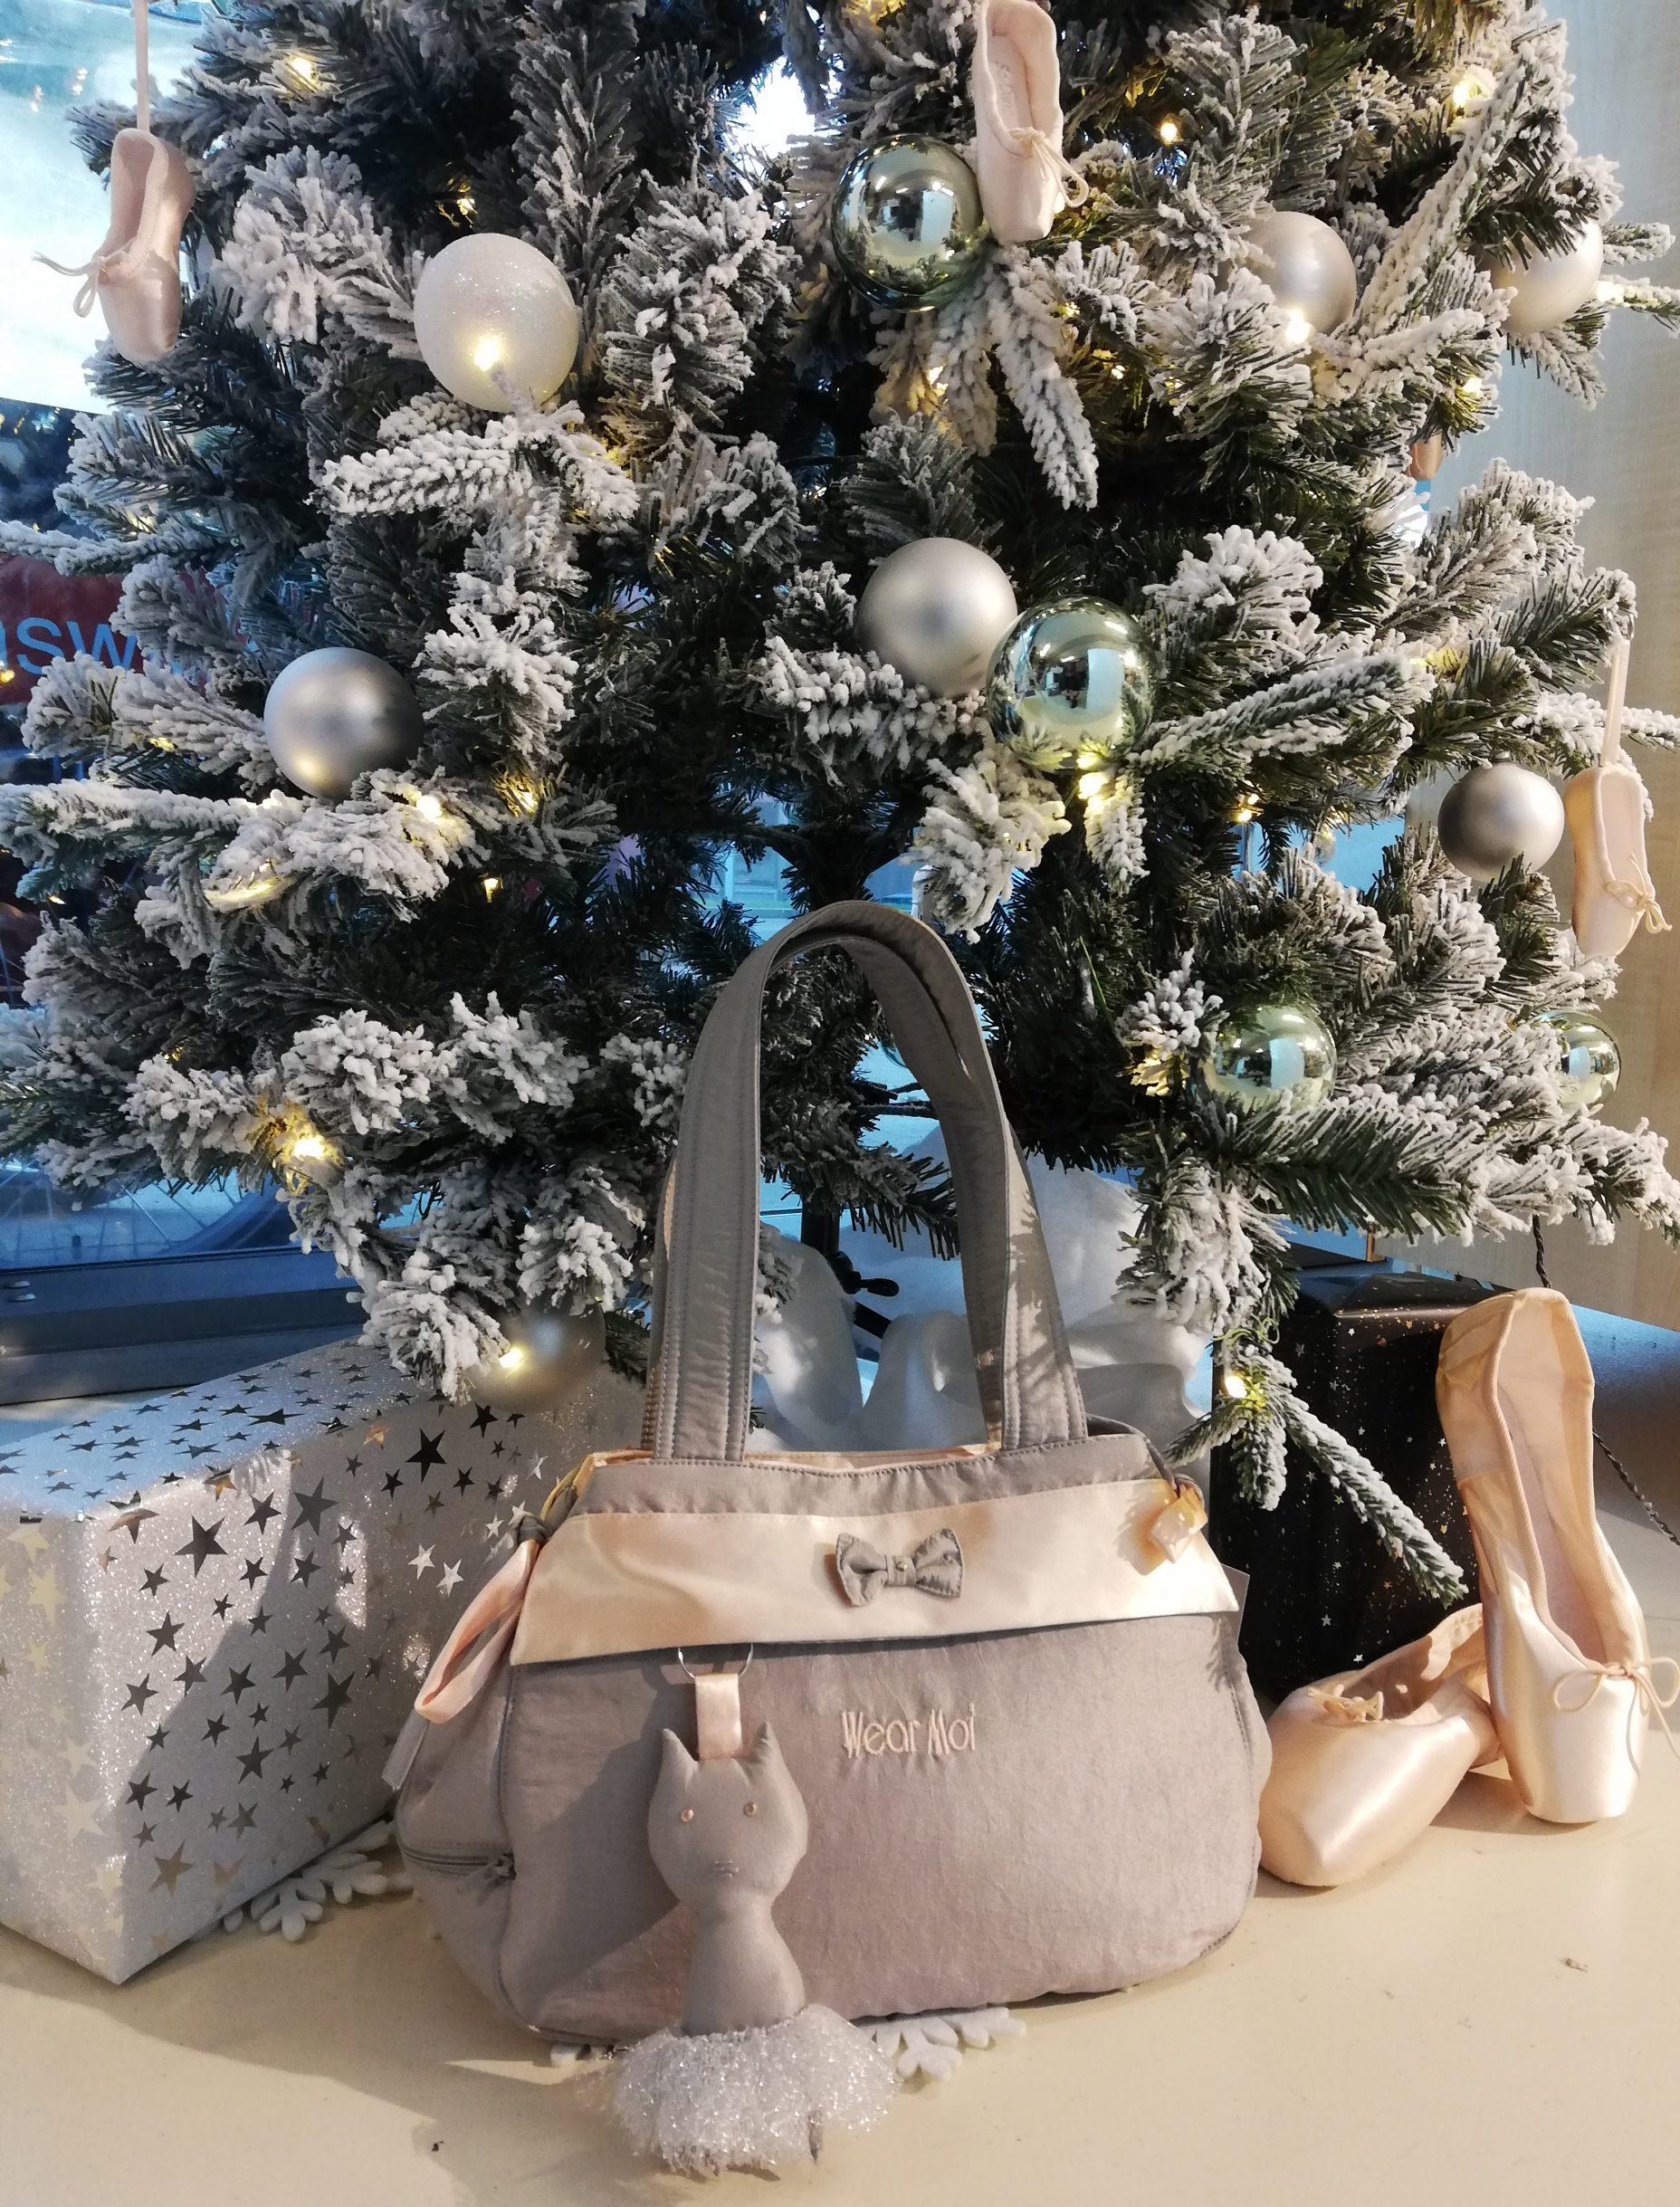 Ballet tas Wear Moi kerstboom